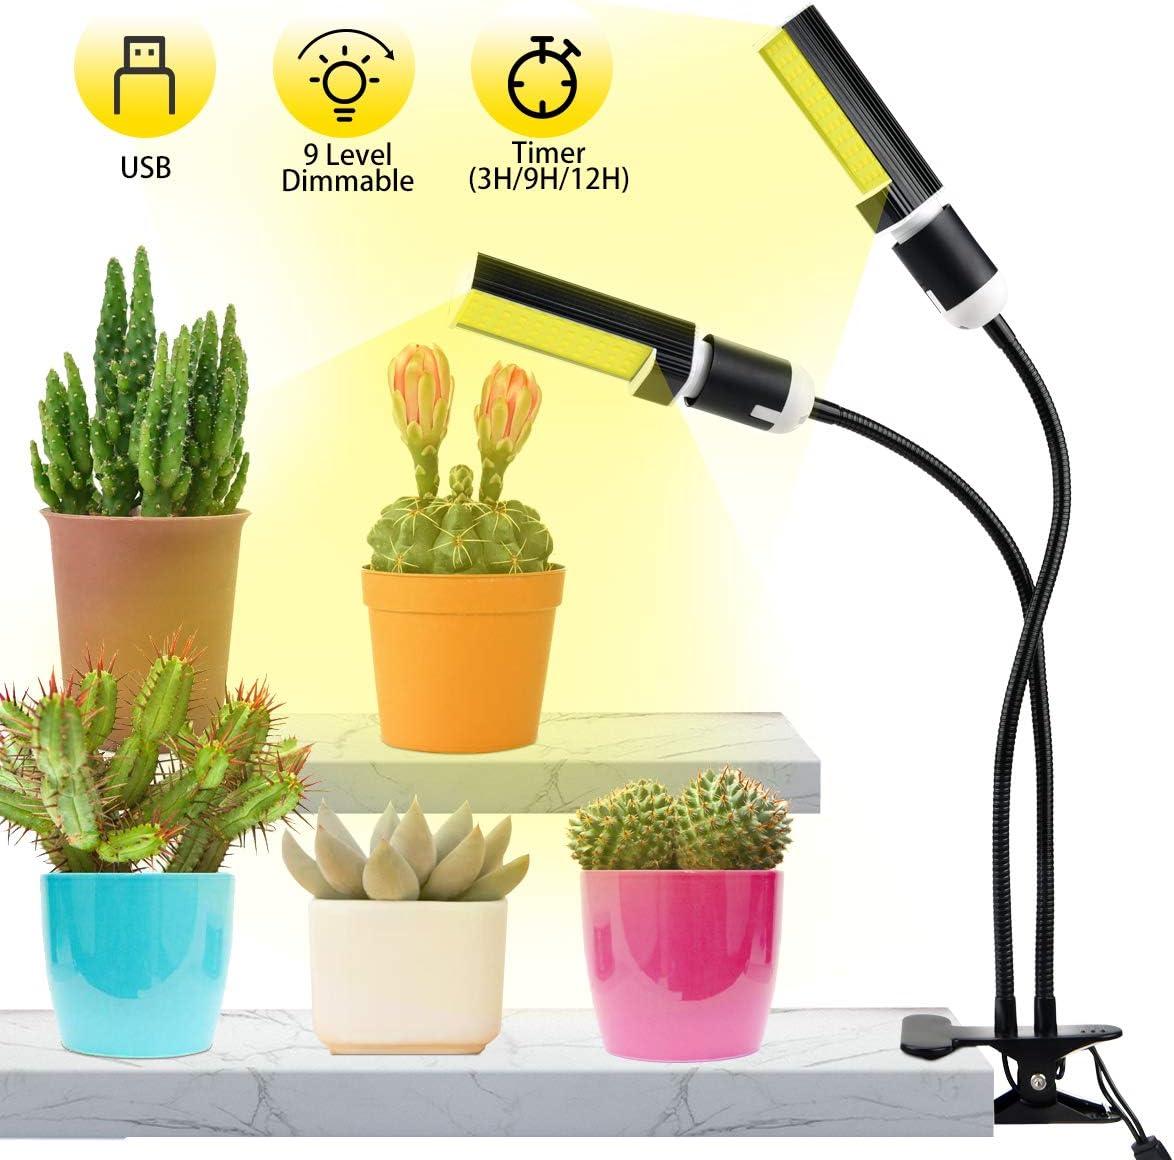 Luz de Plantas,Qomolo 45W 88LED Lámpara de Plantas Regulable 9 niveles, Espectro Completo Cabeza Dual Lámparas De Crecimiento Para Cultivo De Interior Plantas,Verduras, Flores Y Invernaderos Jardin